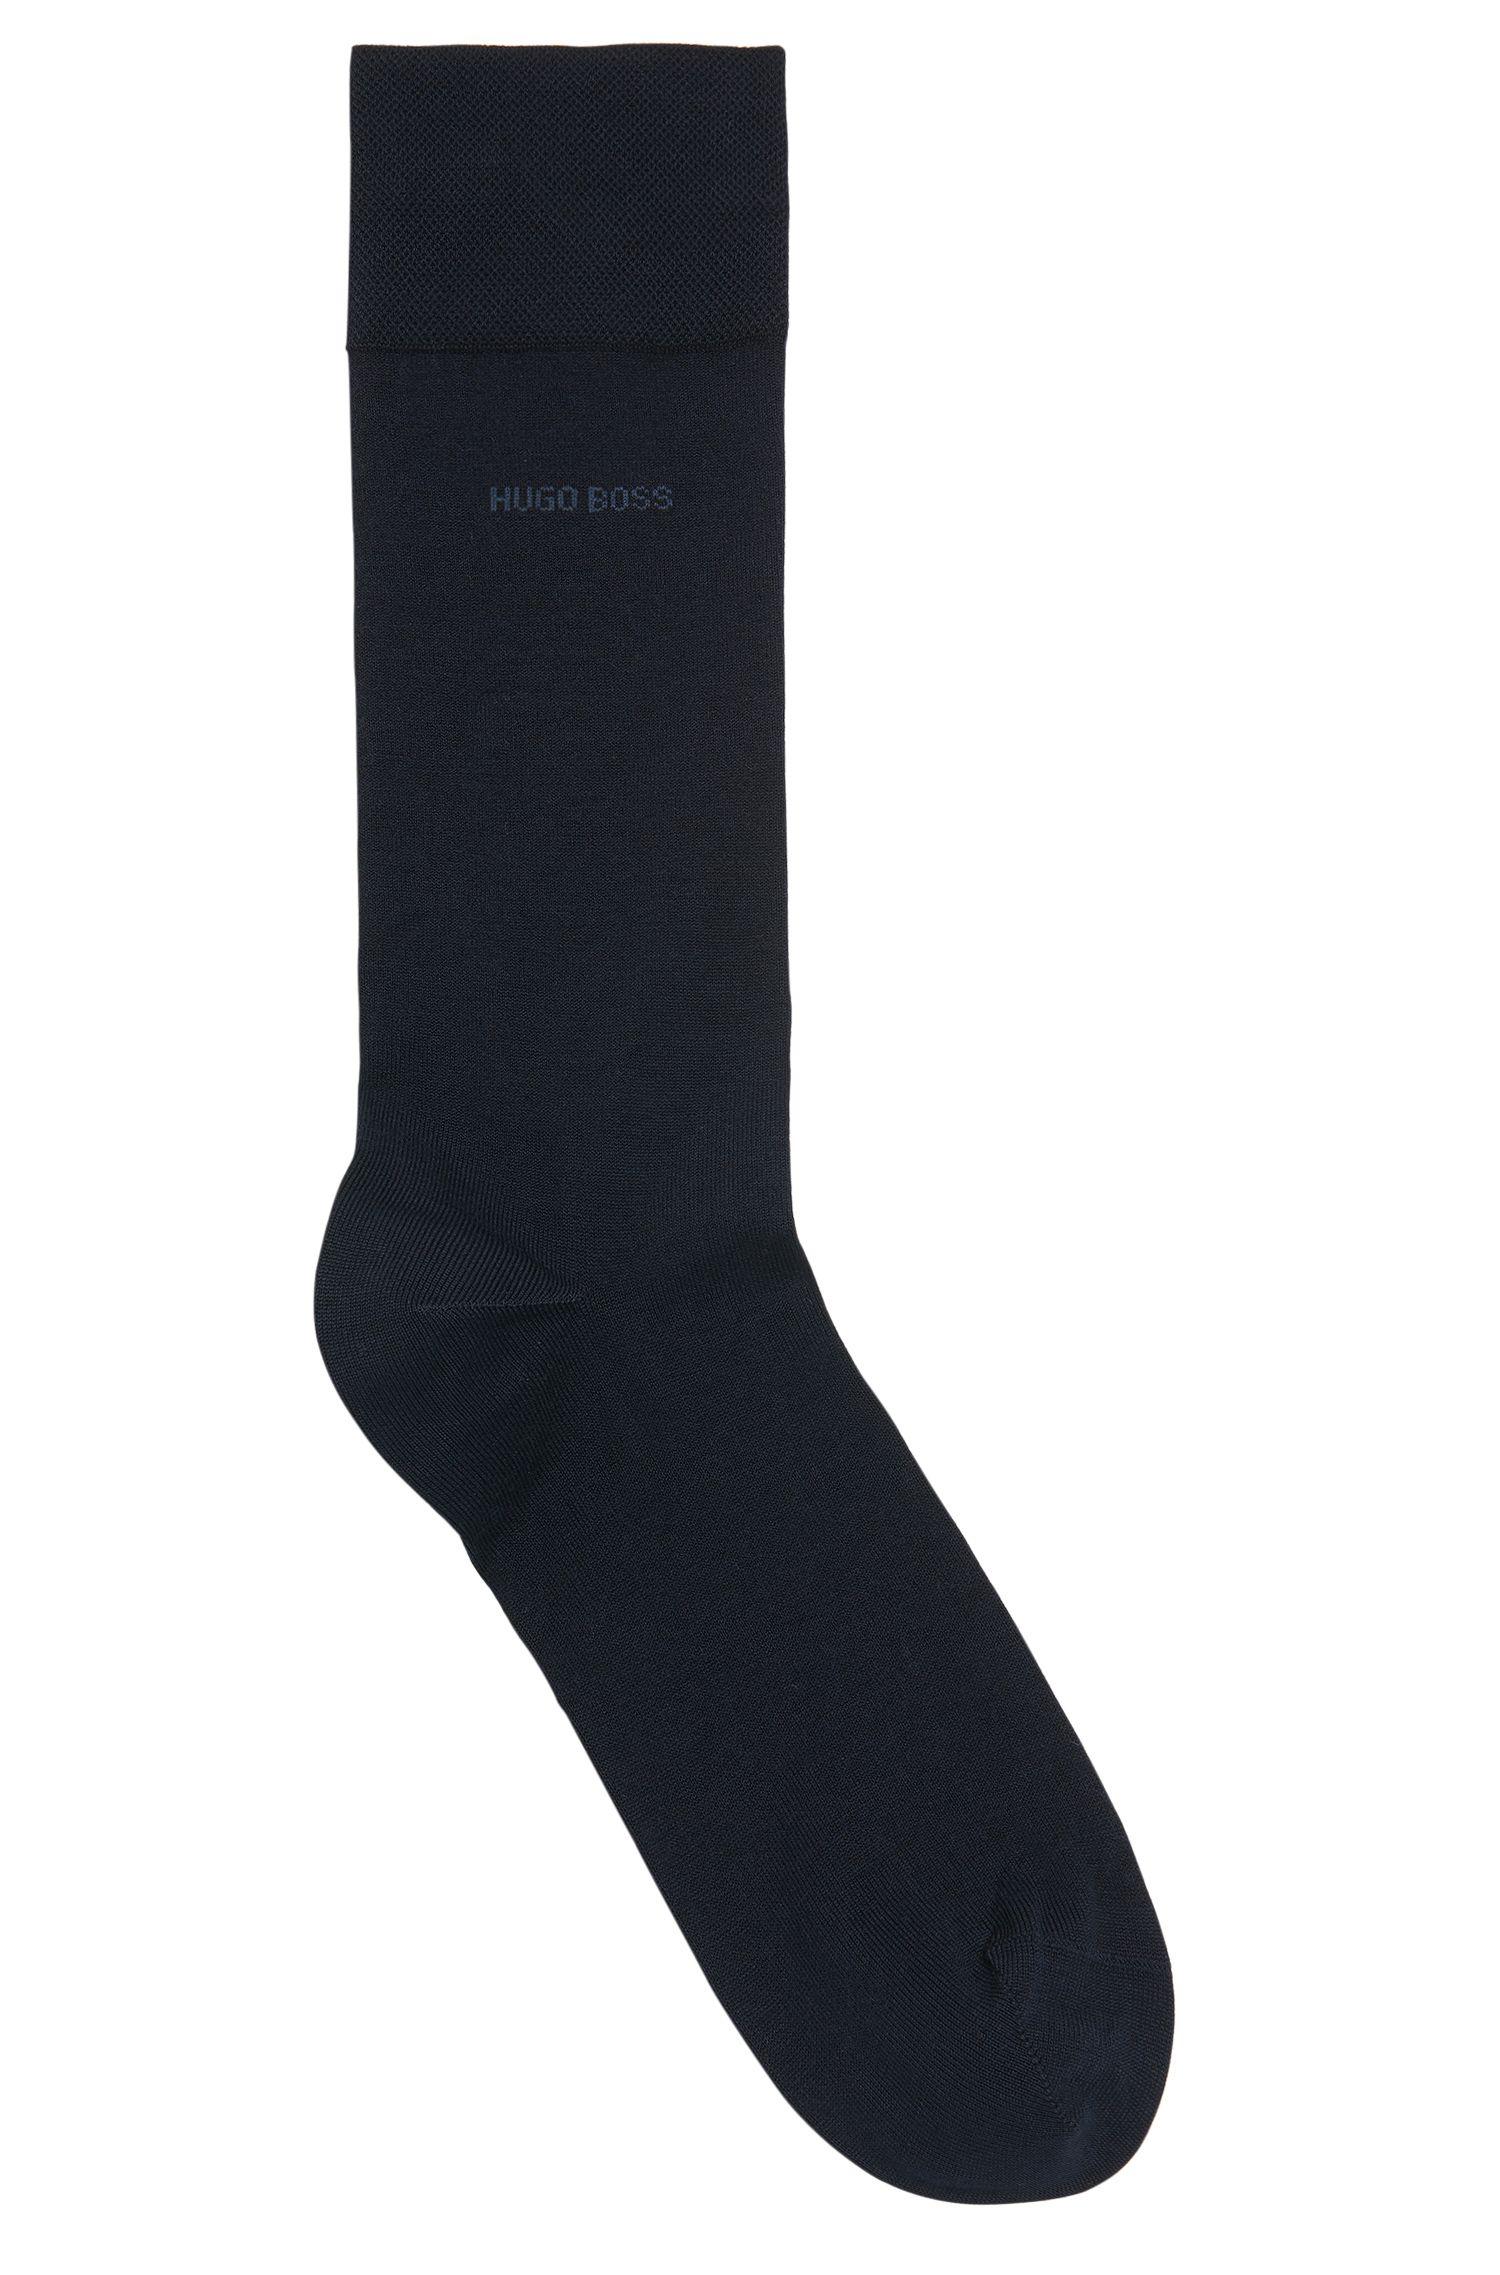 Chaussettes en coton mercerisé, avec des pointes remaillées à la main